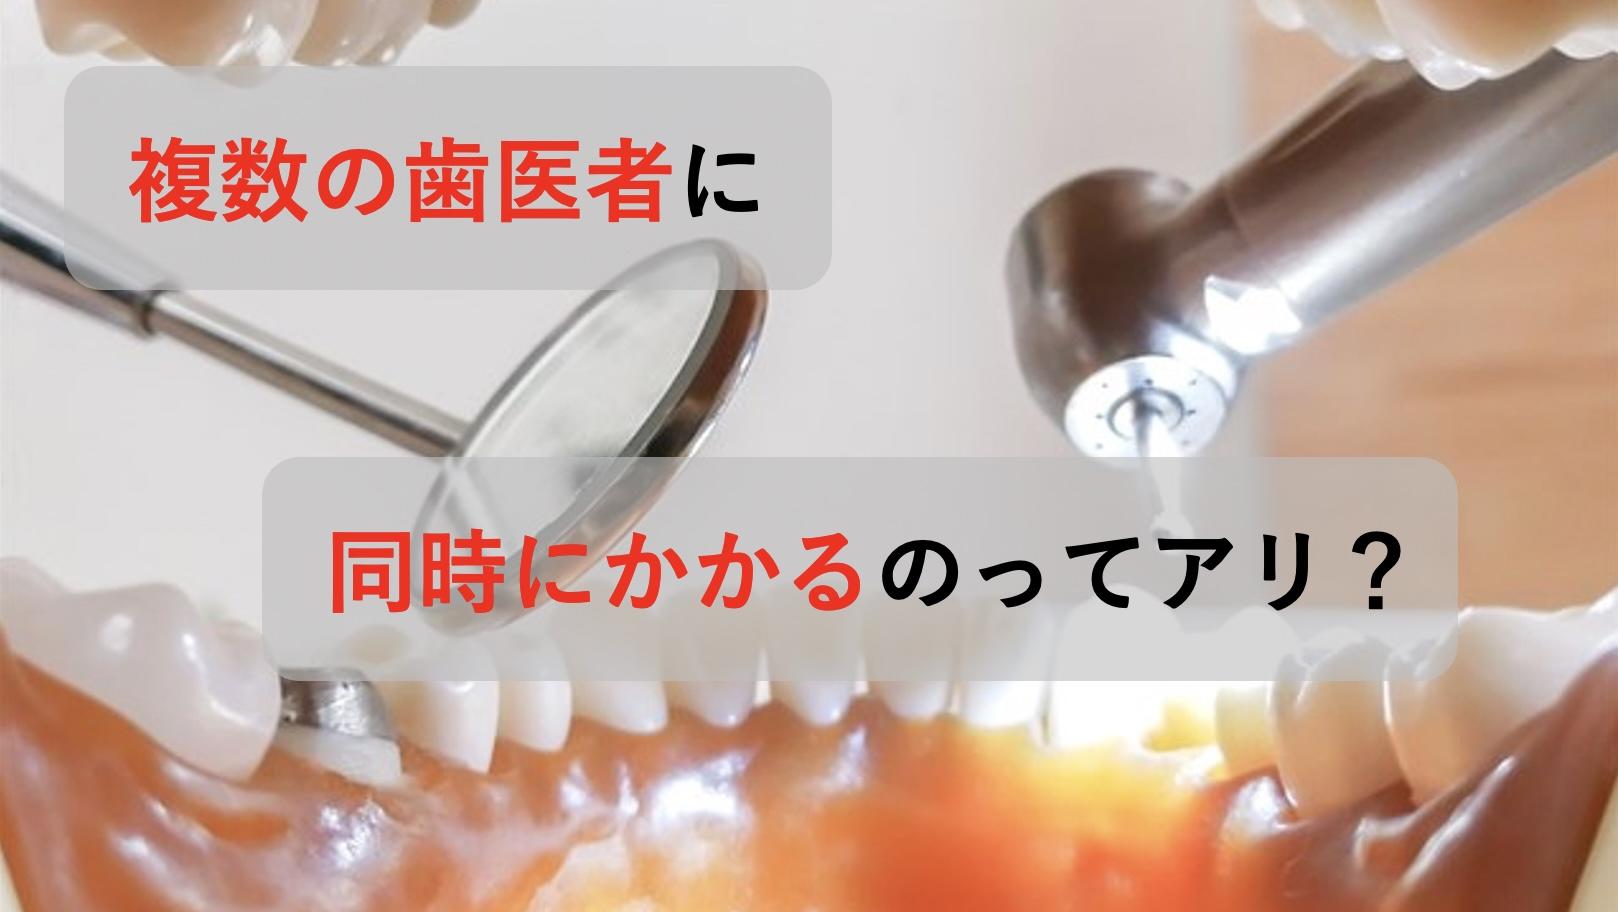 複数の歯医者に同時にかかるのってアリ?